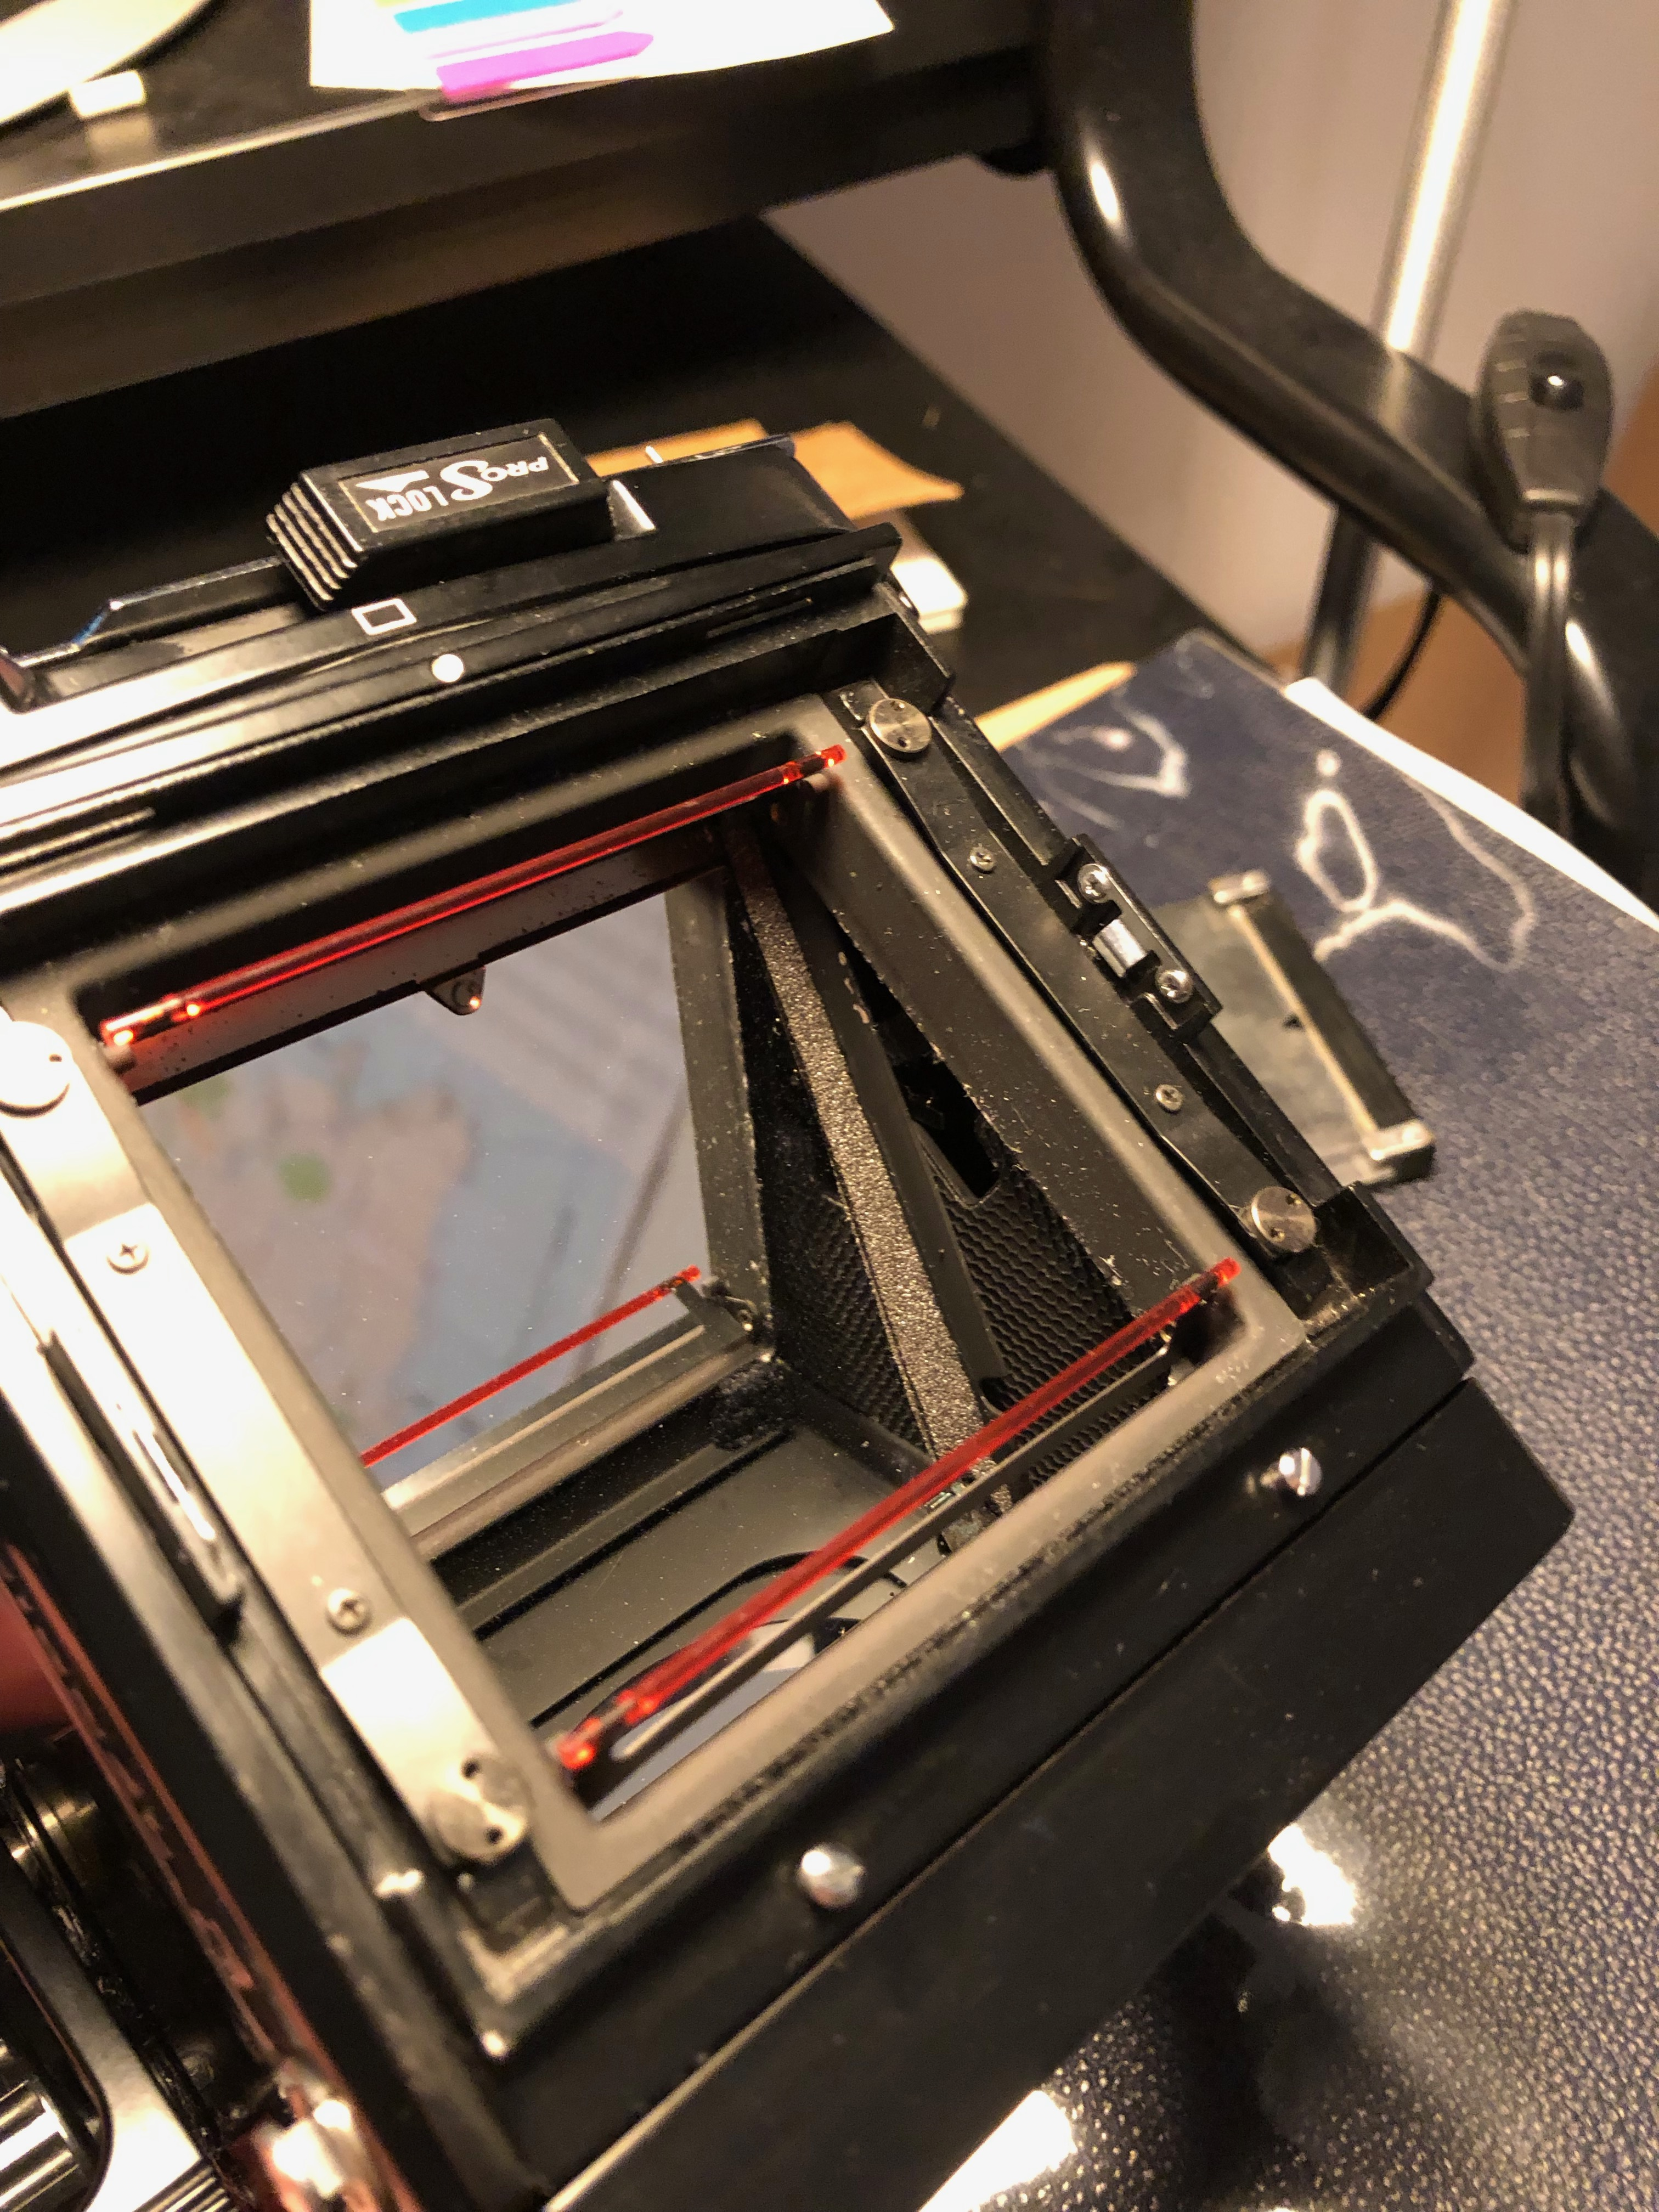 mamiya-rb67-restoration-medium-format-camera-light-seals-leather-204